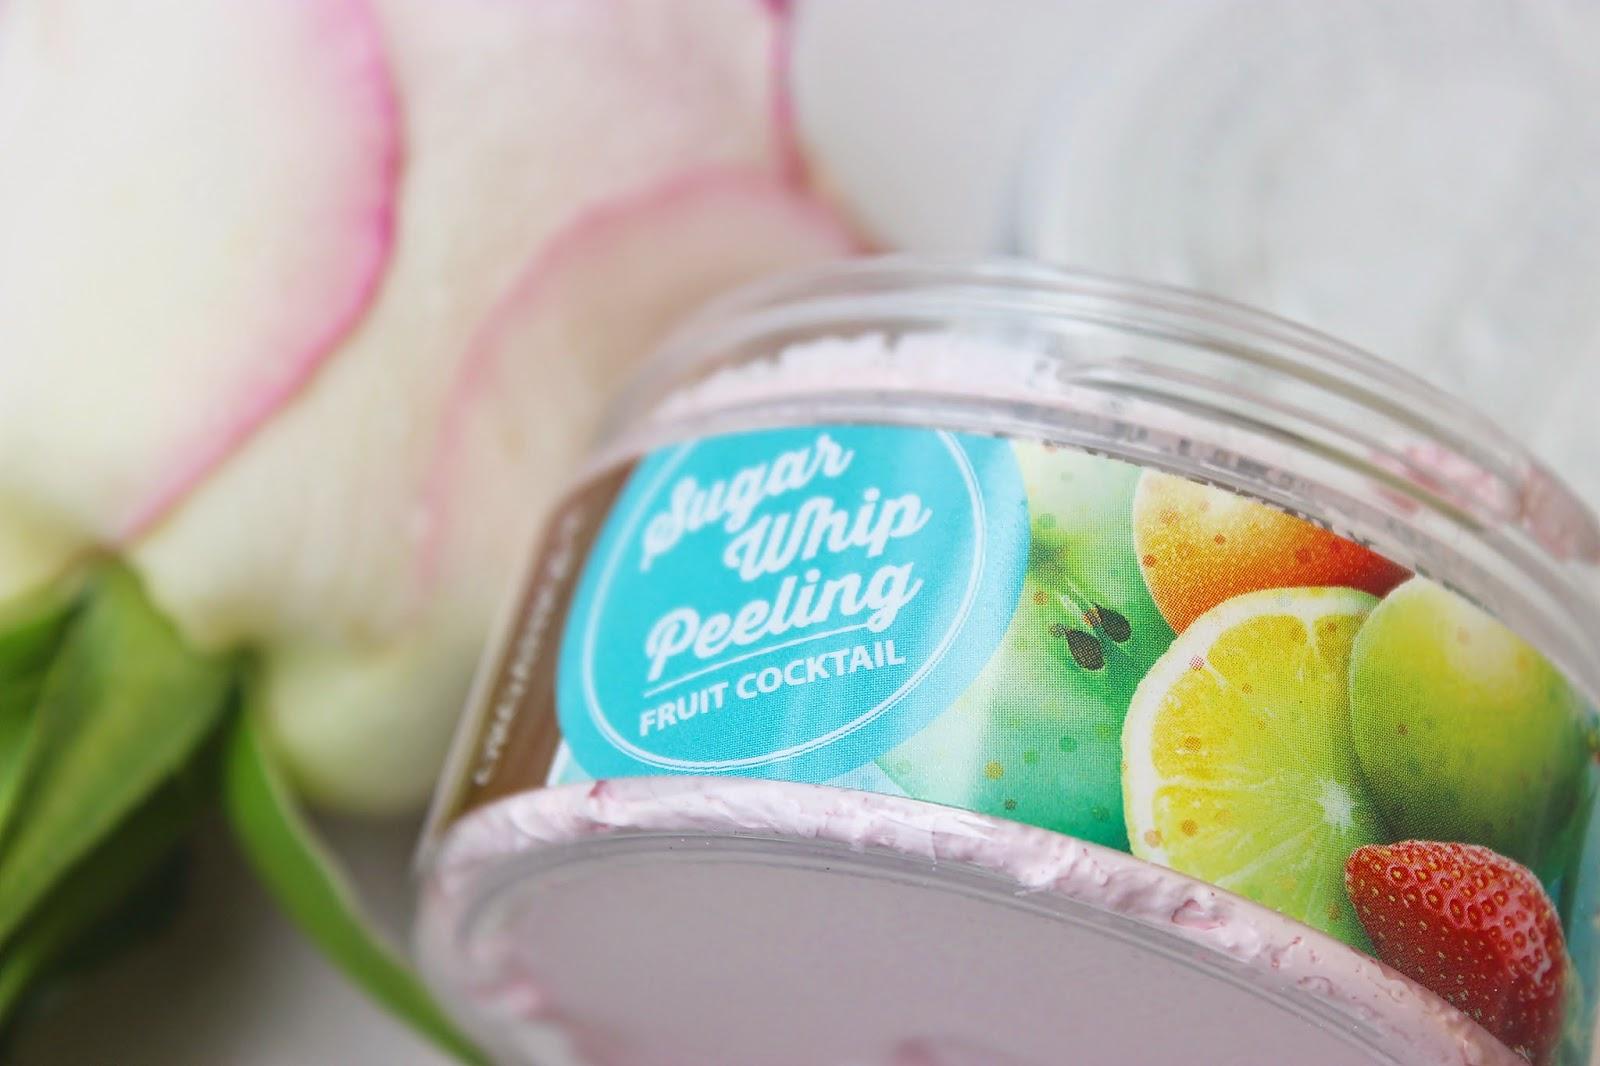 cukrowa pianka peelingująca, Organique, owocowy koktajl, pielęgnacja ciała